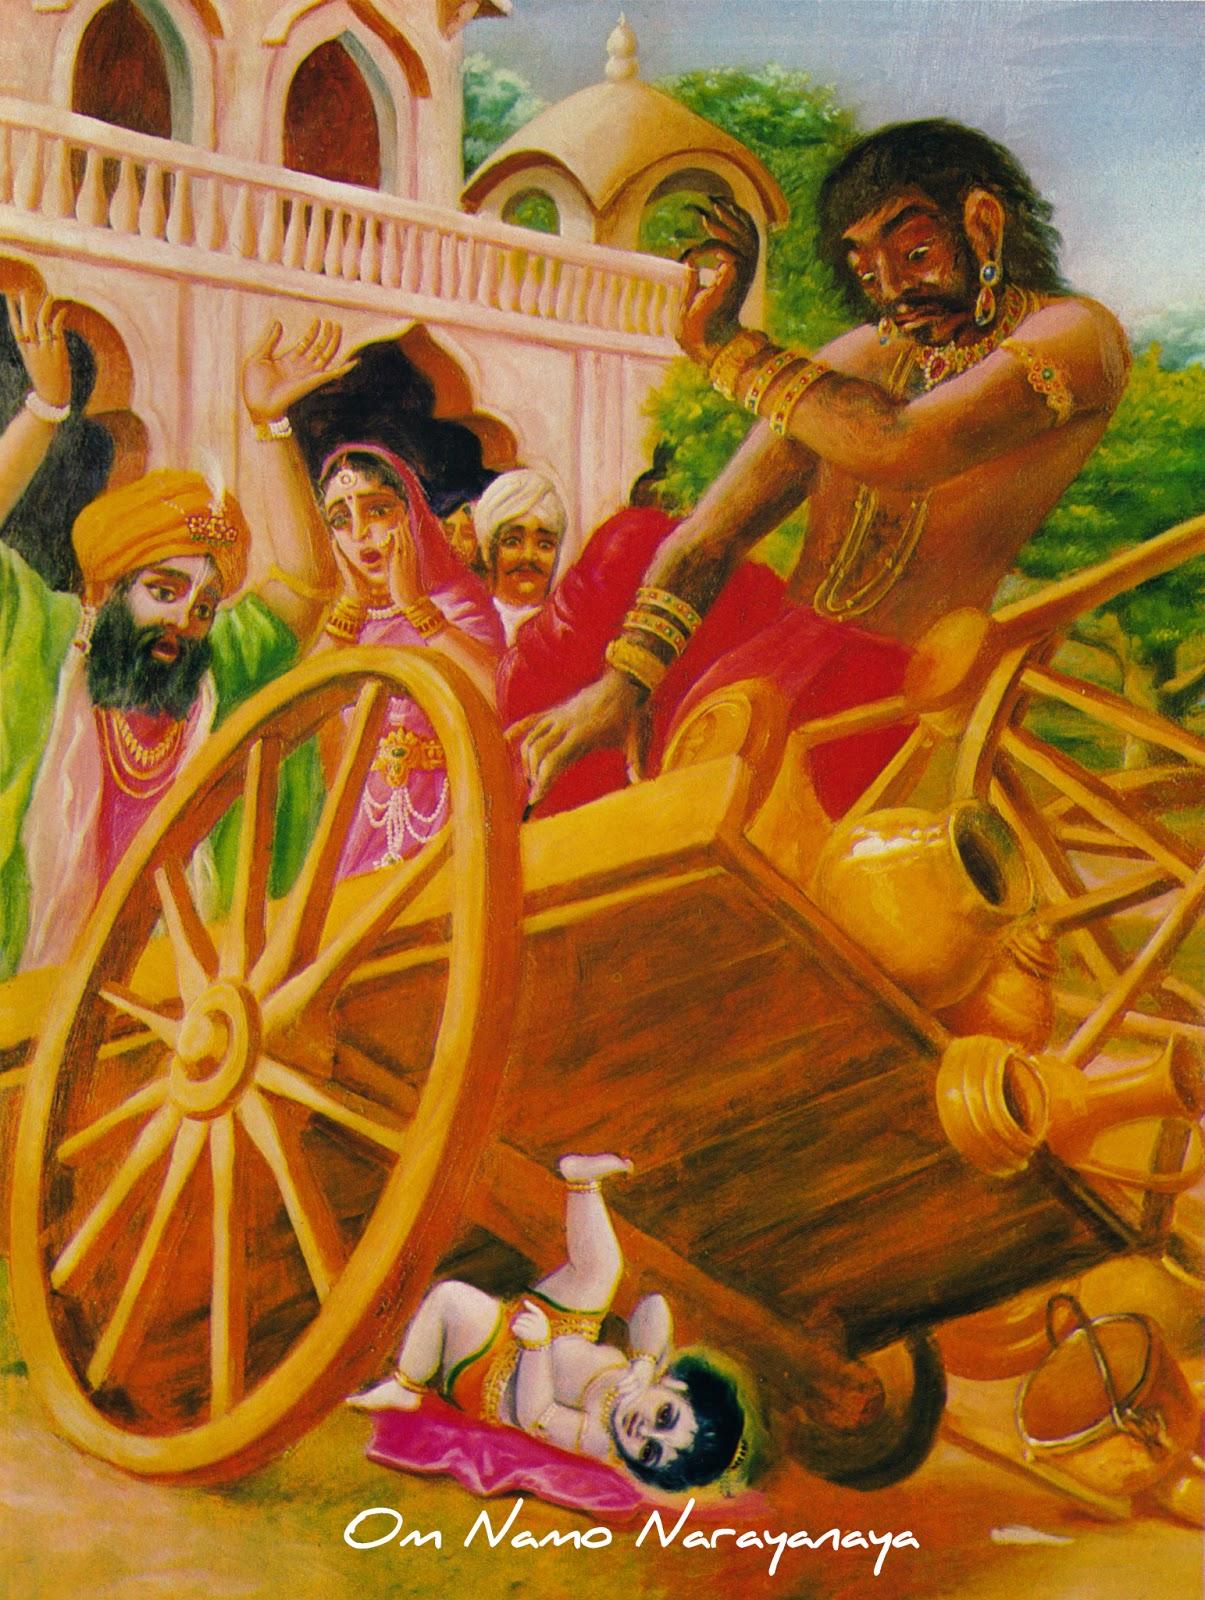 கண்ணன் கதைகள் (30) - சகடாசுர வதம்,கண்ணன் கதைகள், குருவாயூரப்பன் கதைகள்,